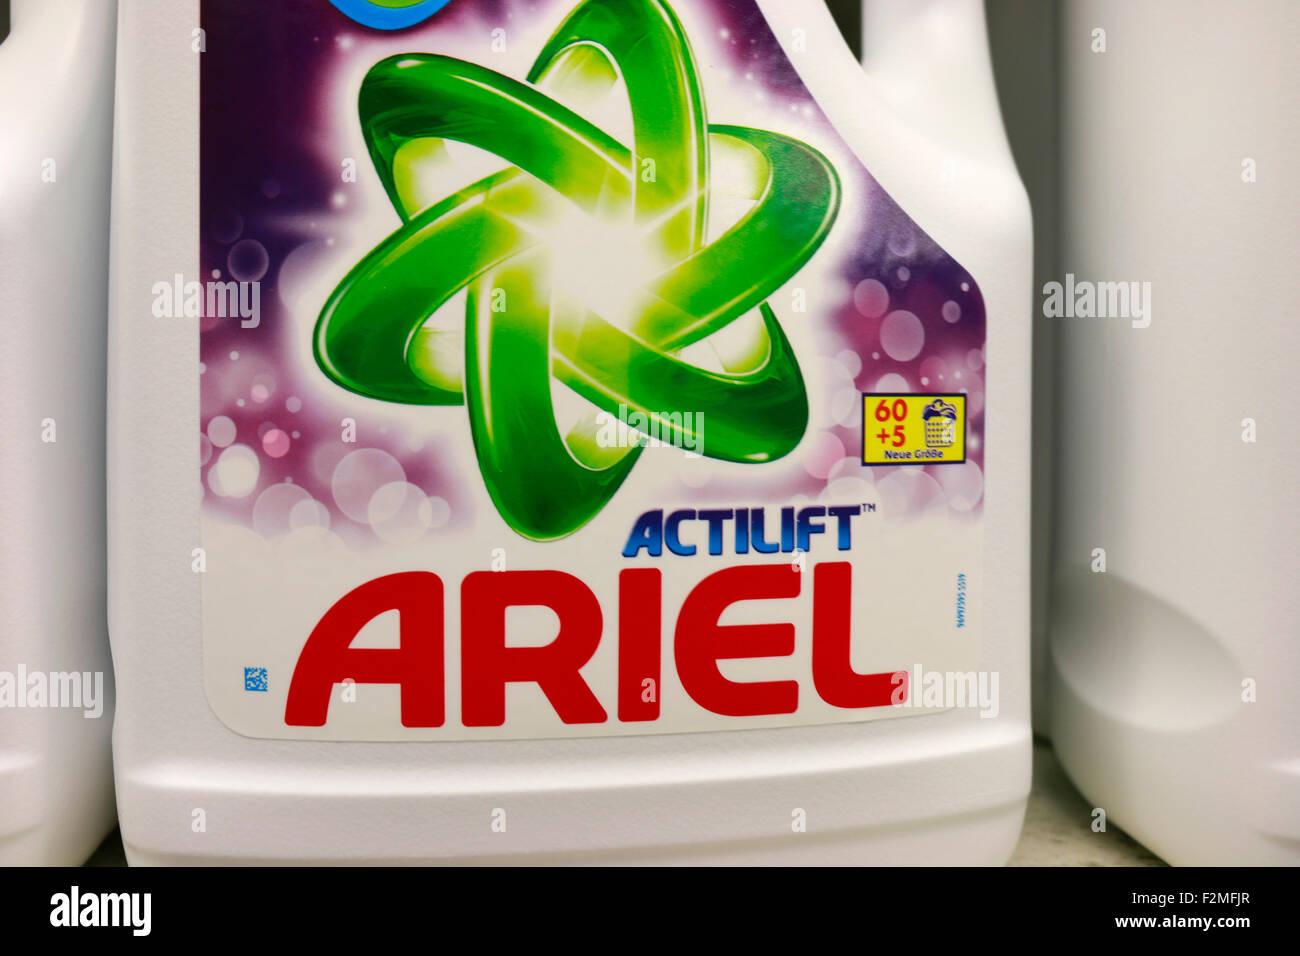 Markennamen: 'Ariel', Berlin. - Stock Image